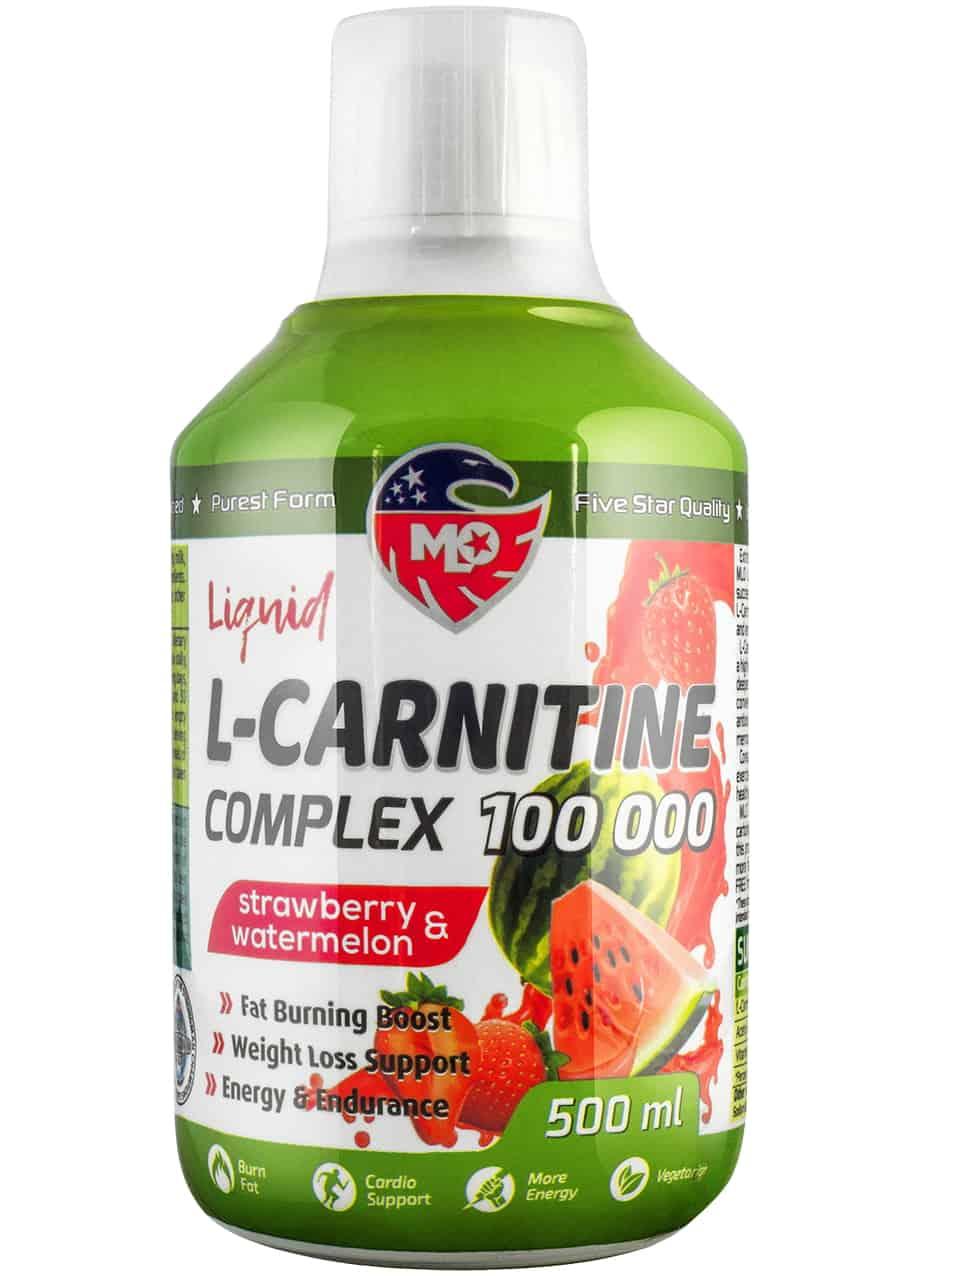 L-Carnitine Complex 100 000